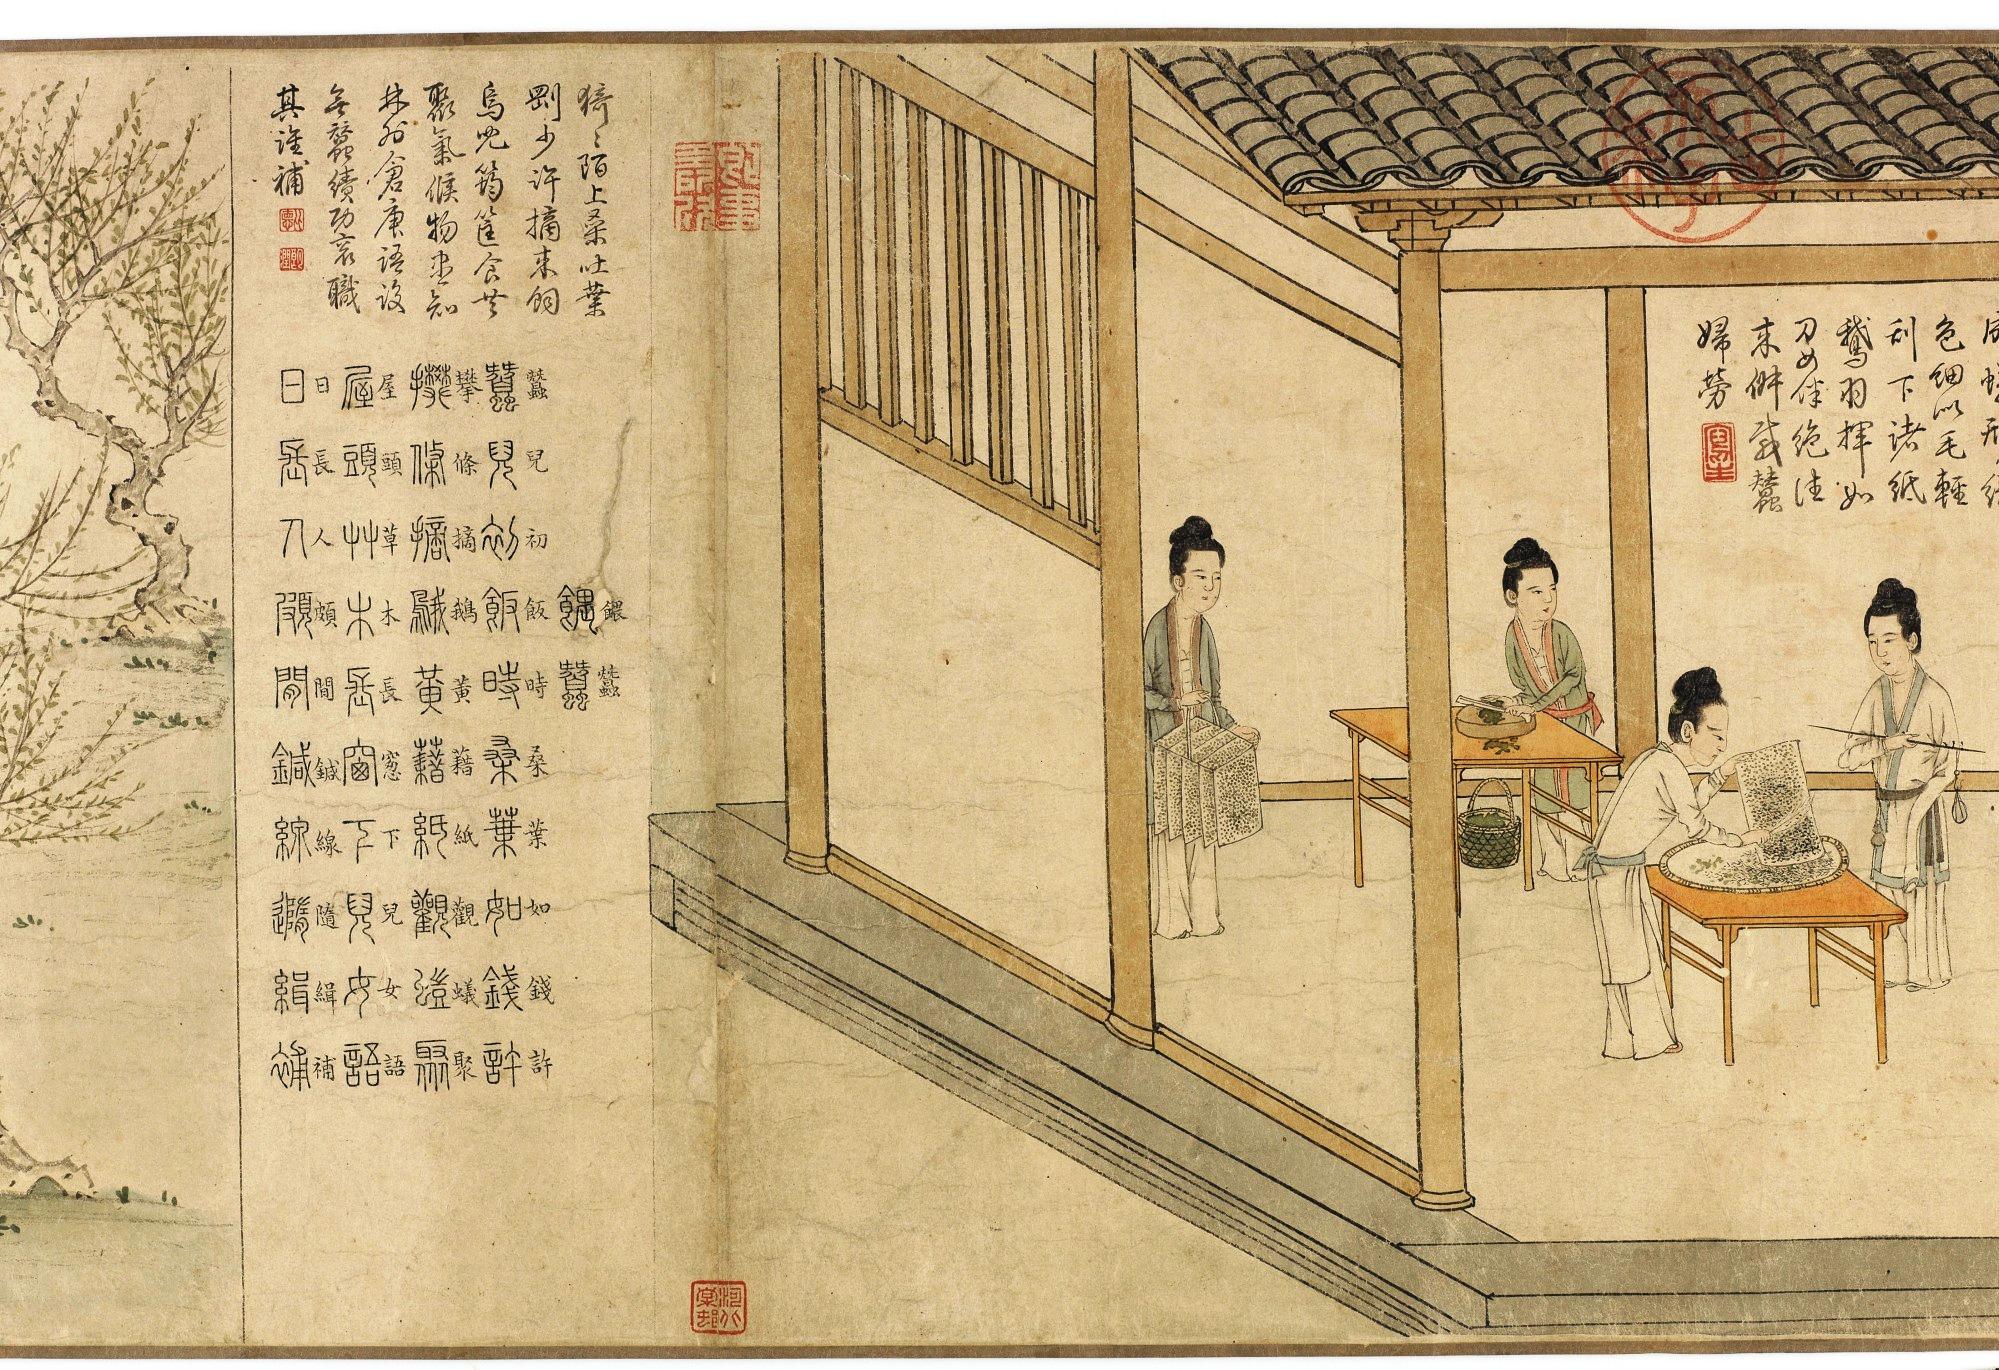 程棨摹楼寿蚕织图